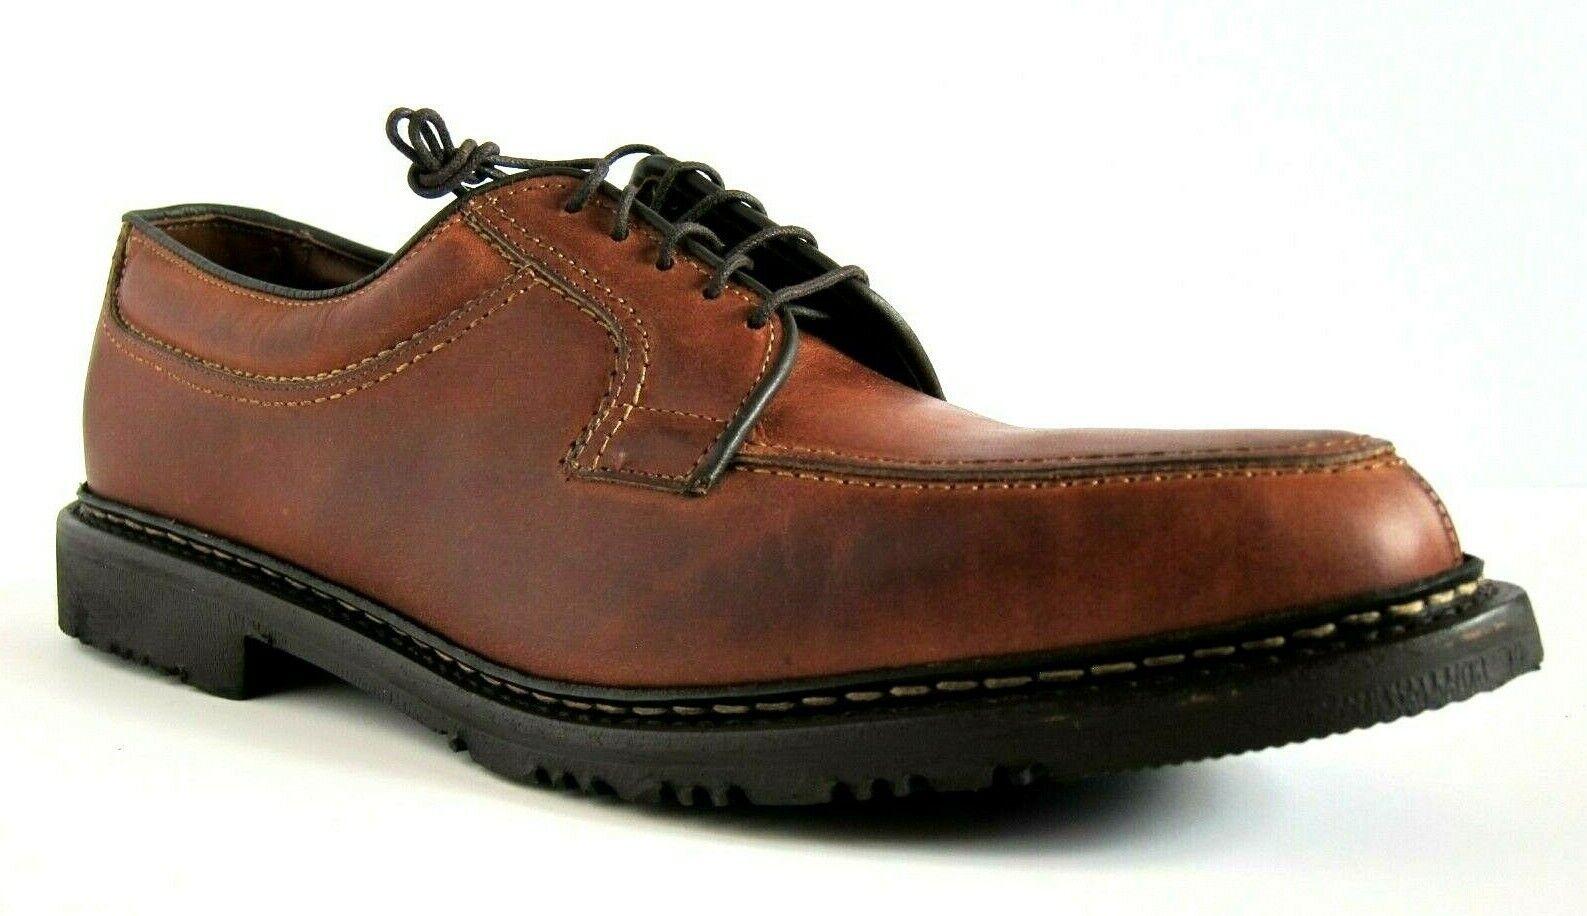 EXCELLENT Allen Edmonds Wilbert Leather Mens Oxford Moc shoes 9.5A 9.5 A